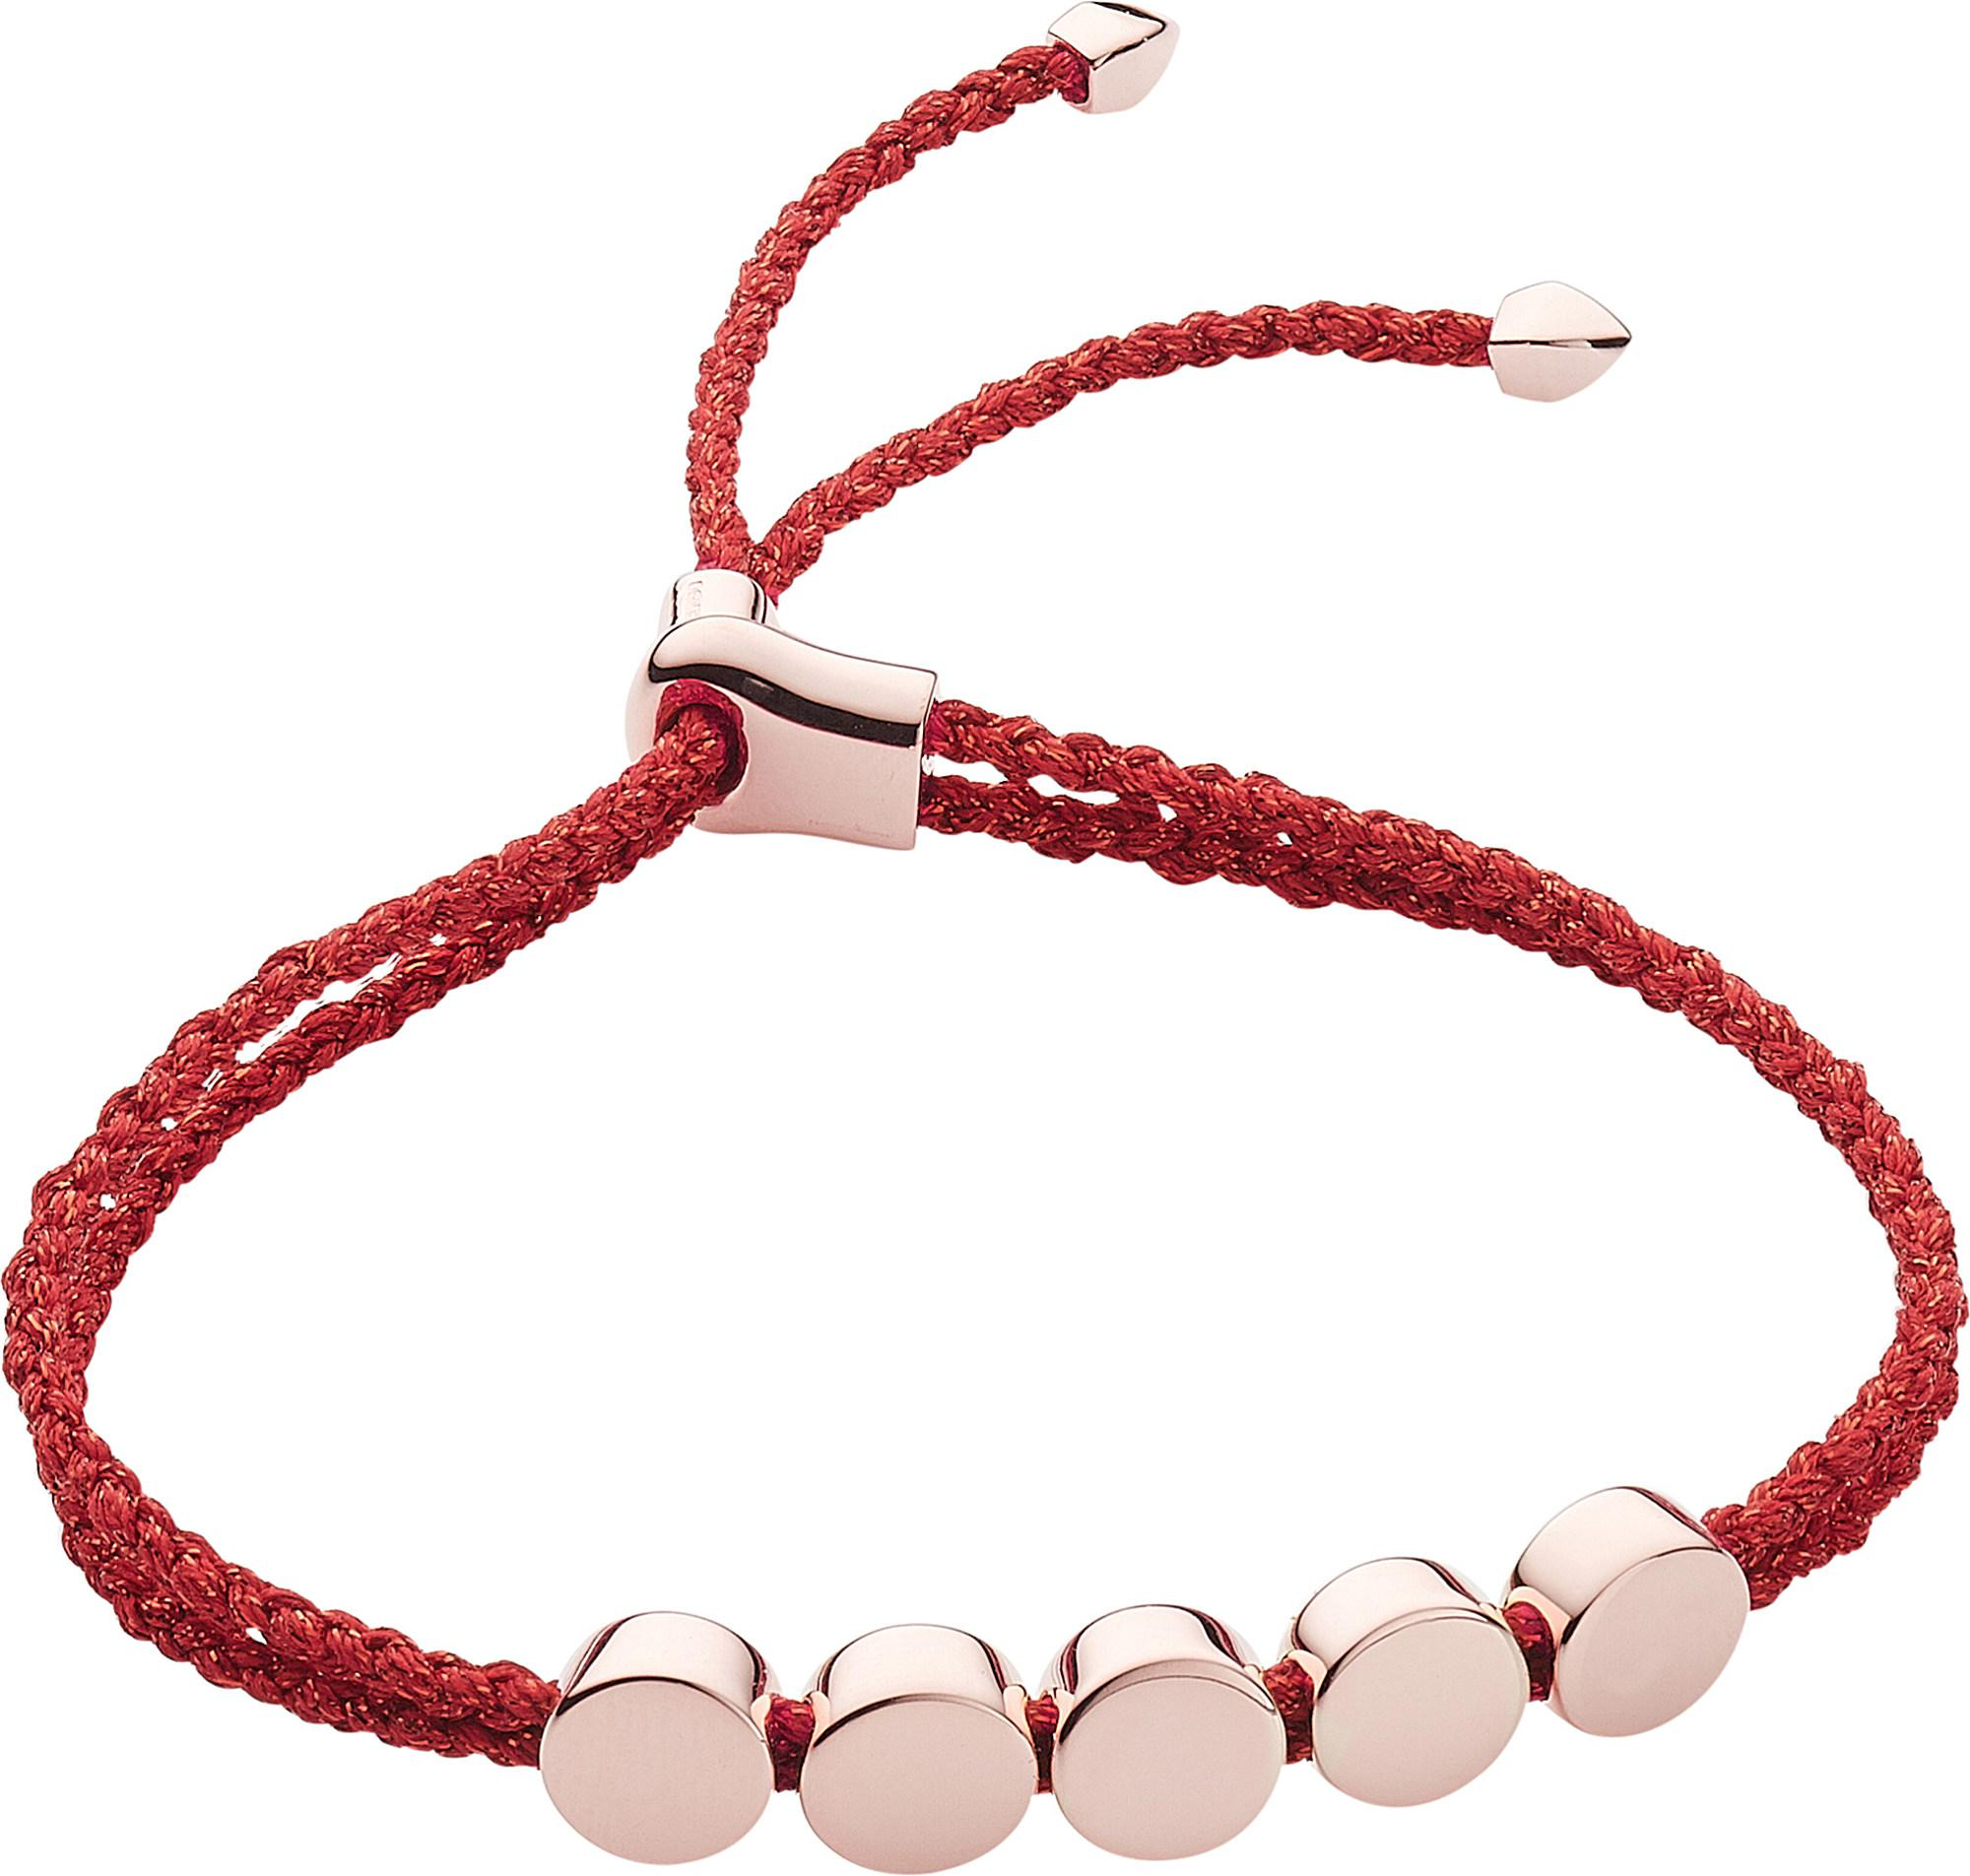 Rose Gold Linear Bead Friendship Chain Bracelet Monica Vinader csOGED